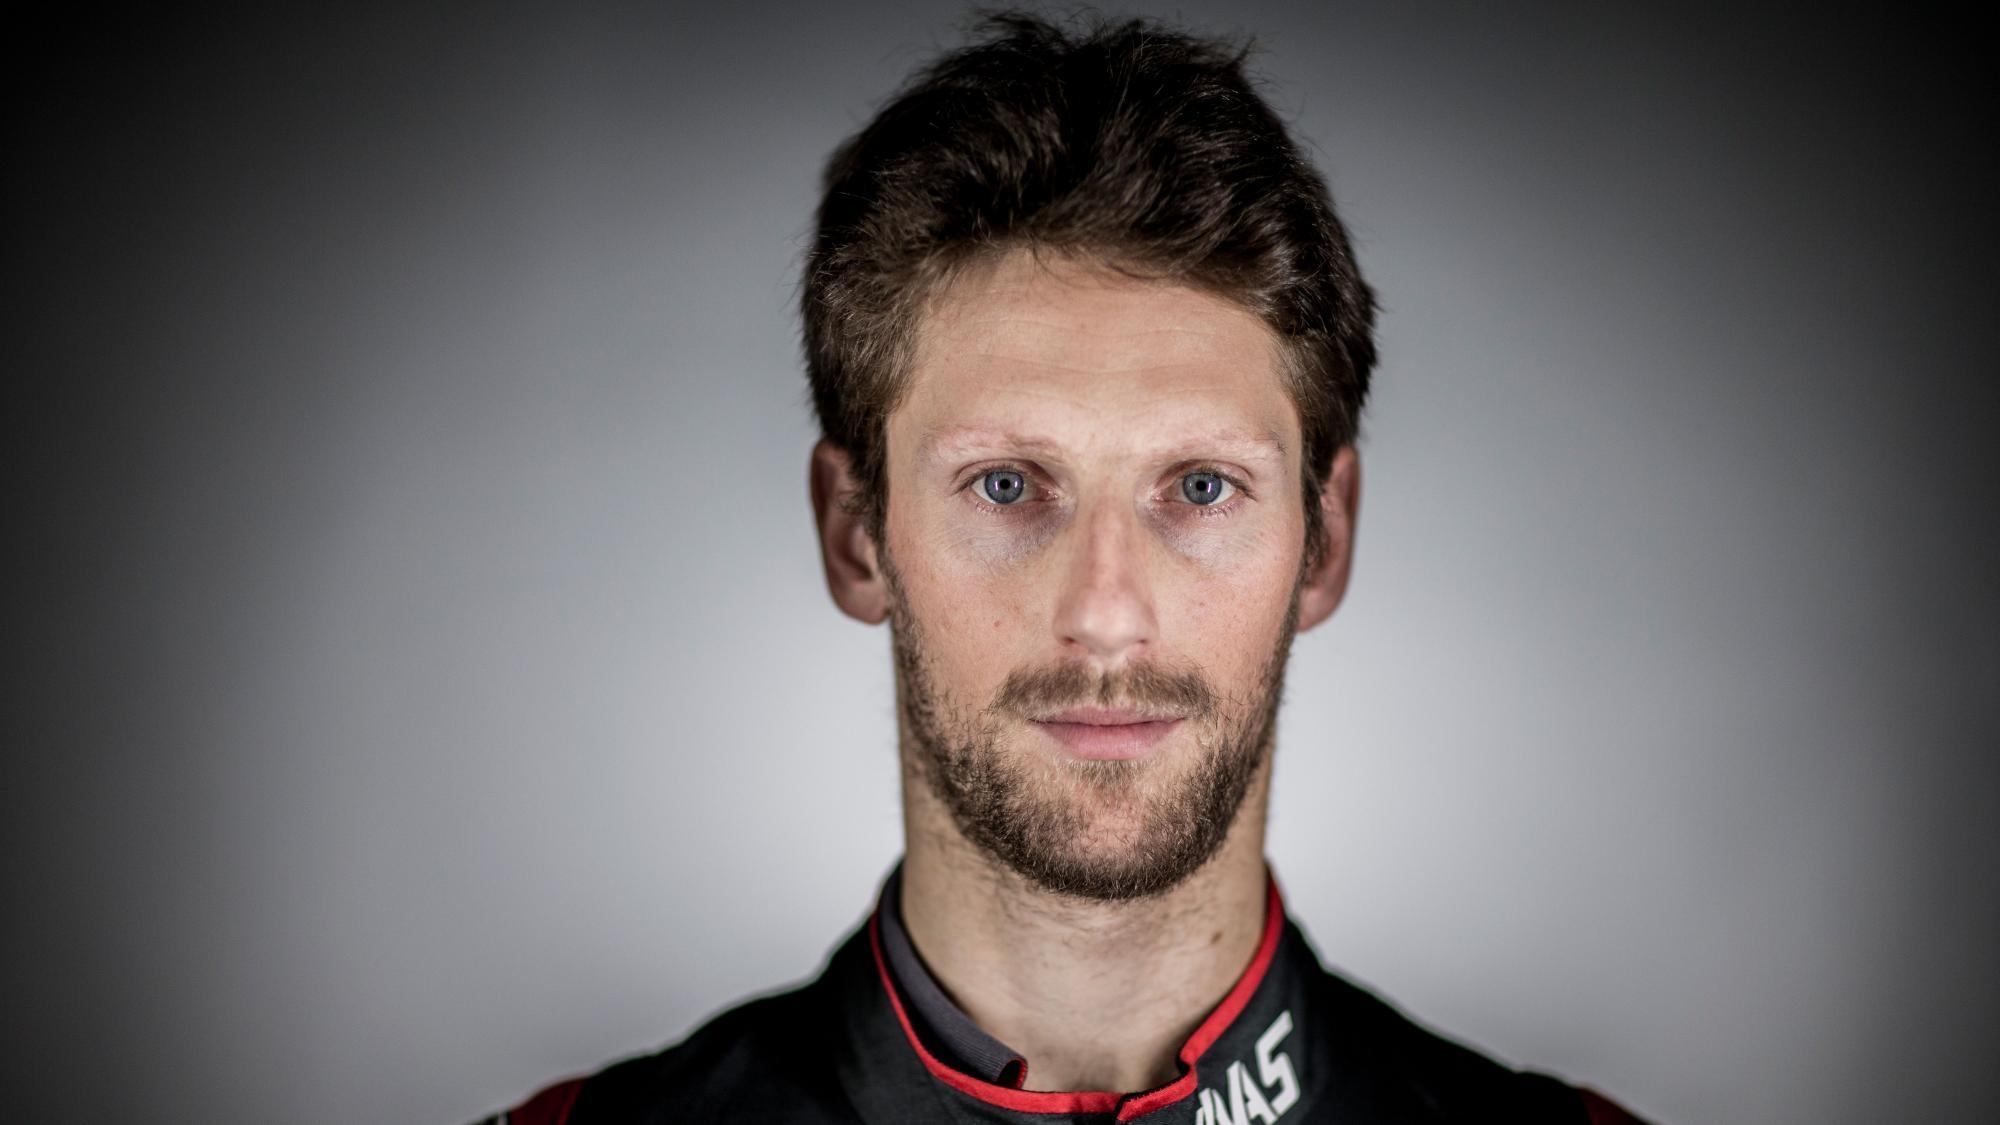 Экс-пилот «Формулы-1» Грожан попал в аварию на машине безопасности